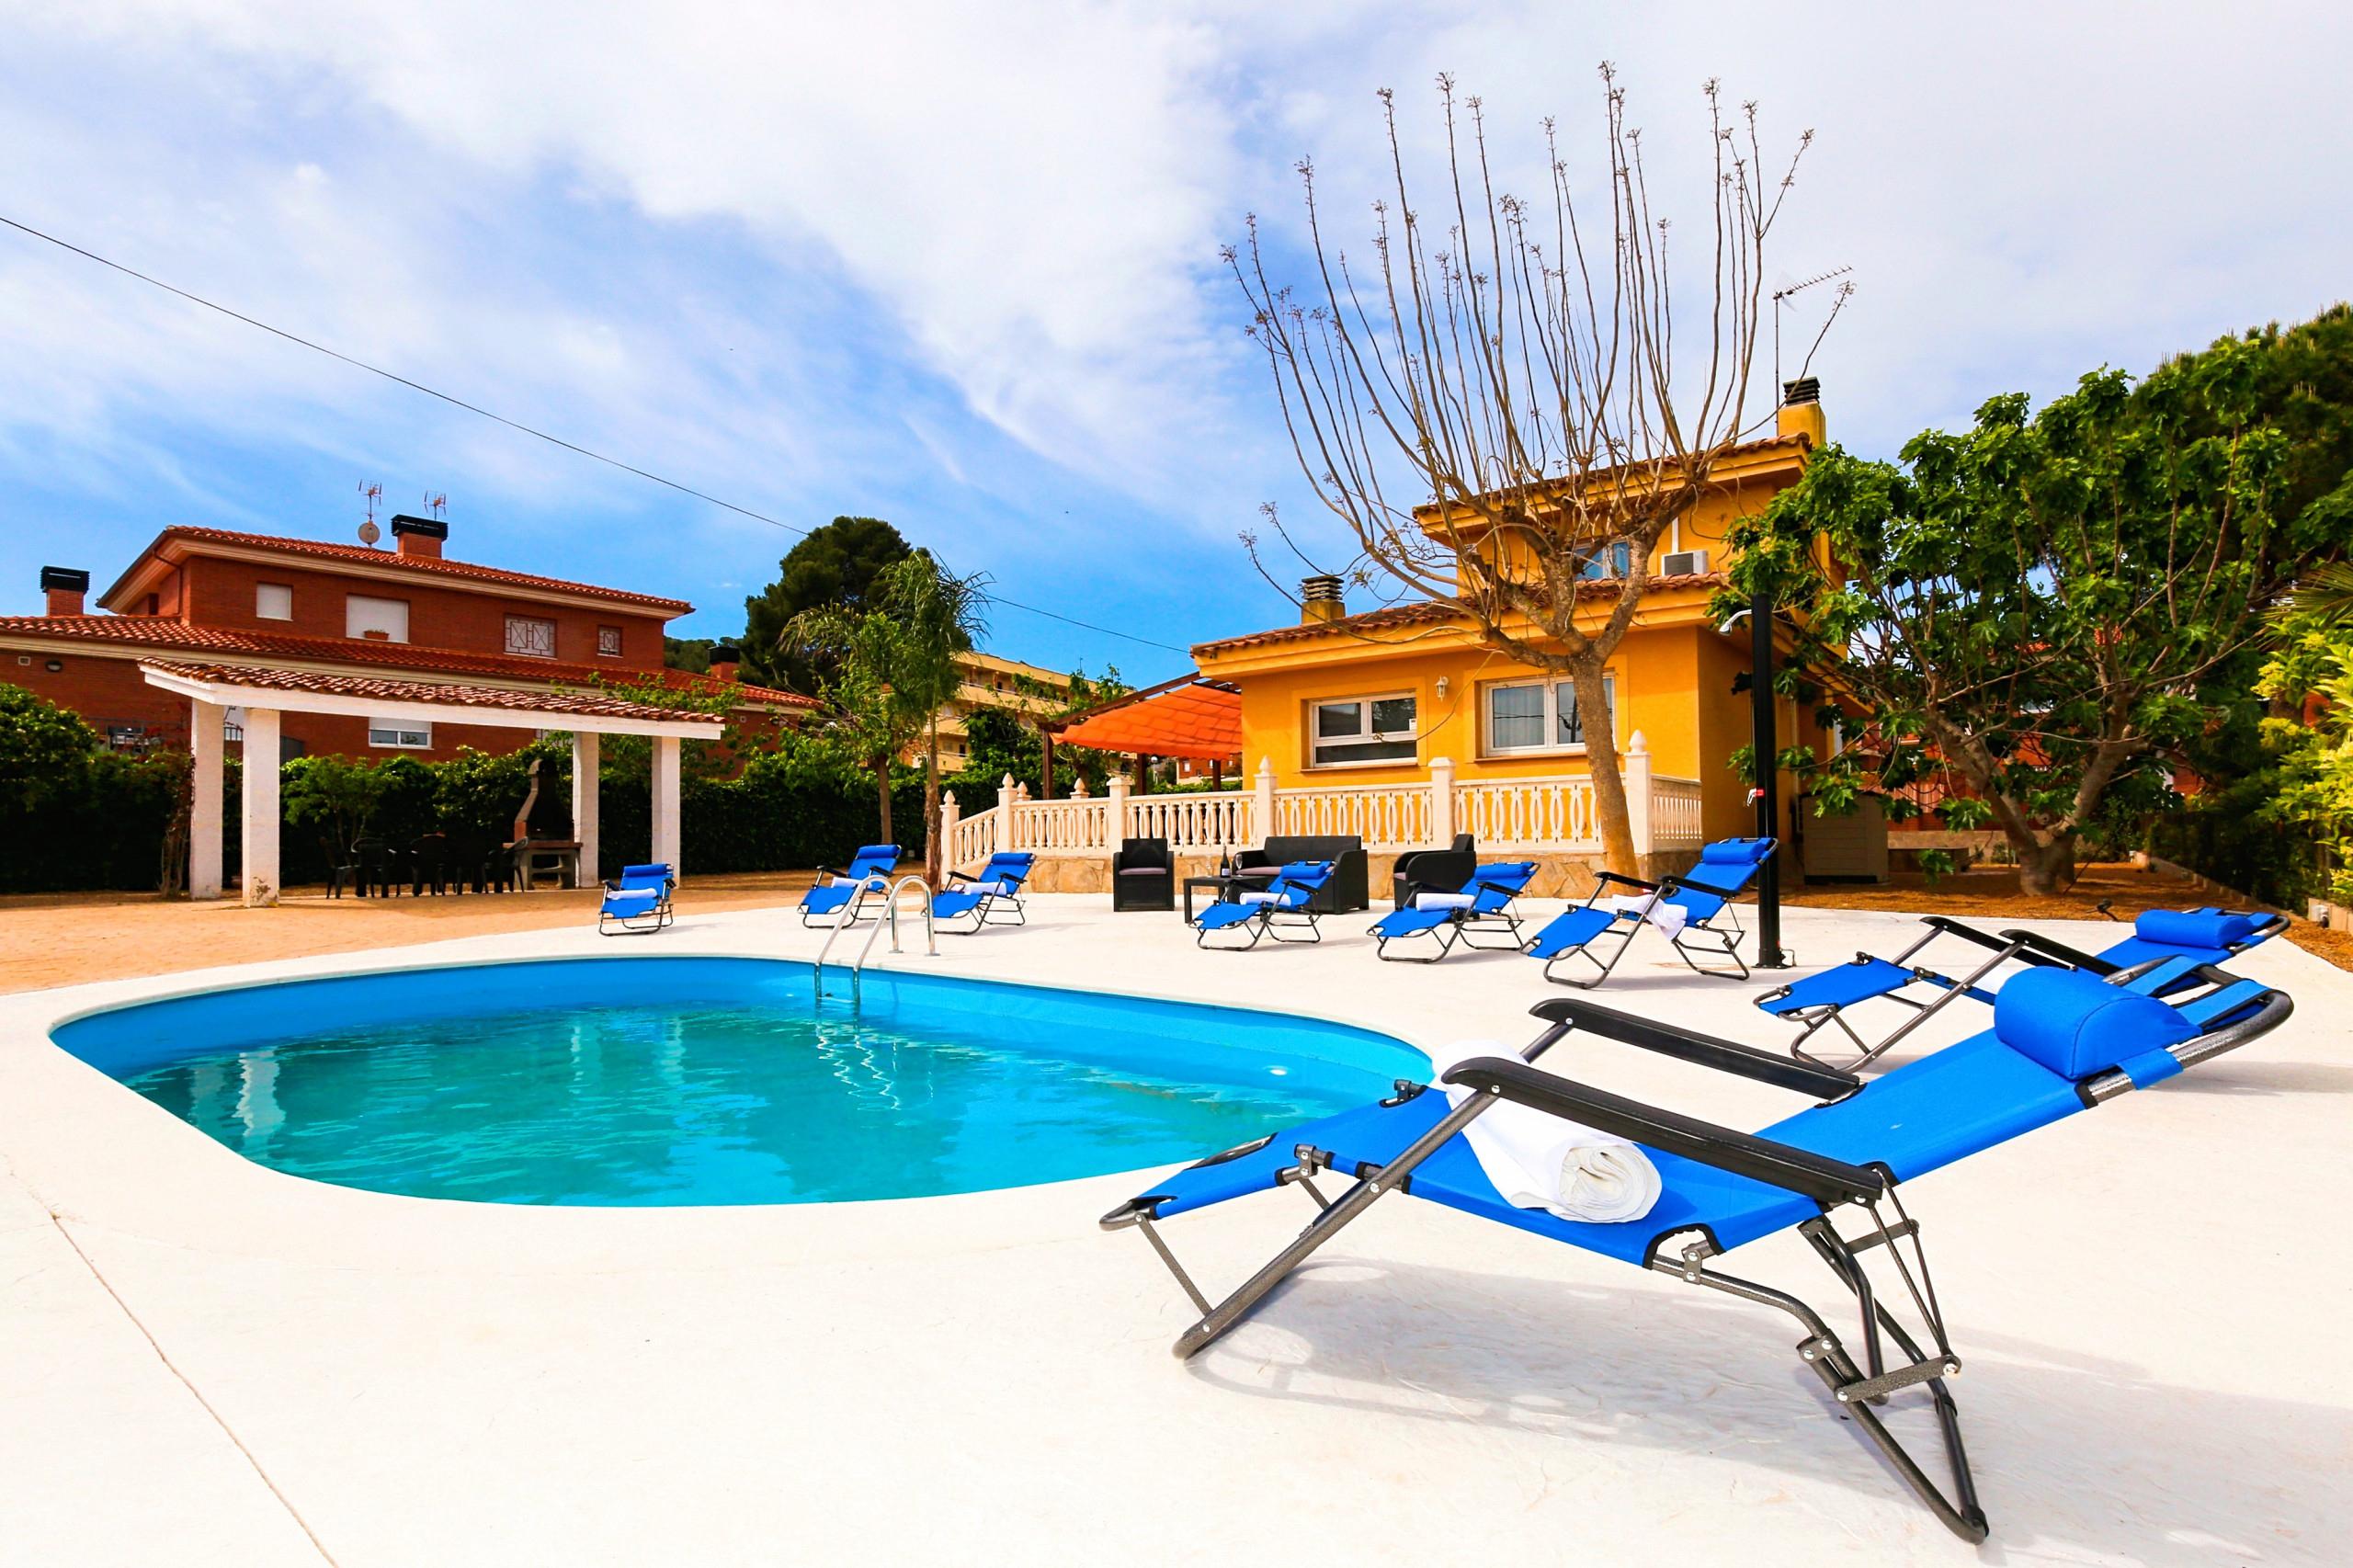 Tropical Avec Piscine Privée, Uniquement Pour Les Familles tout Location Villa Espagne Avec Piscine Privée